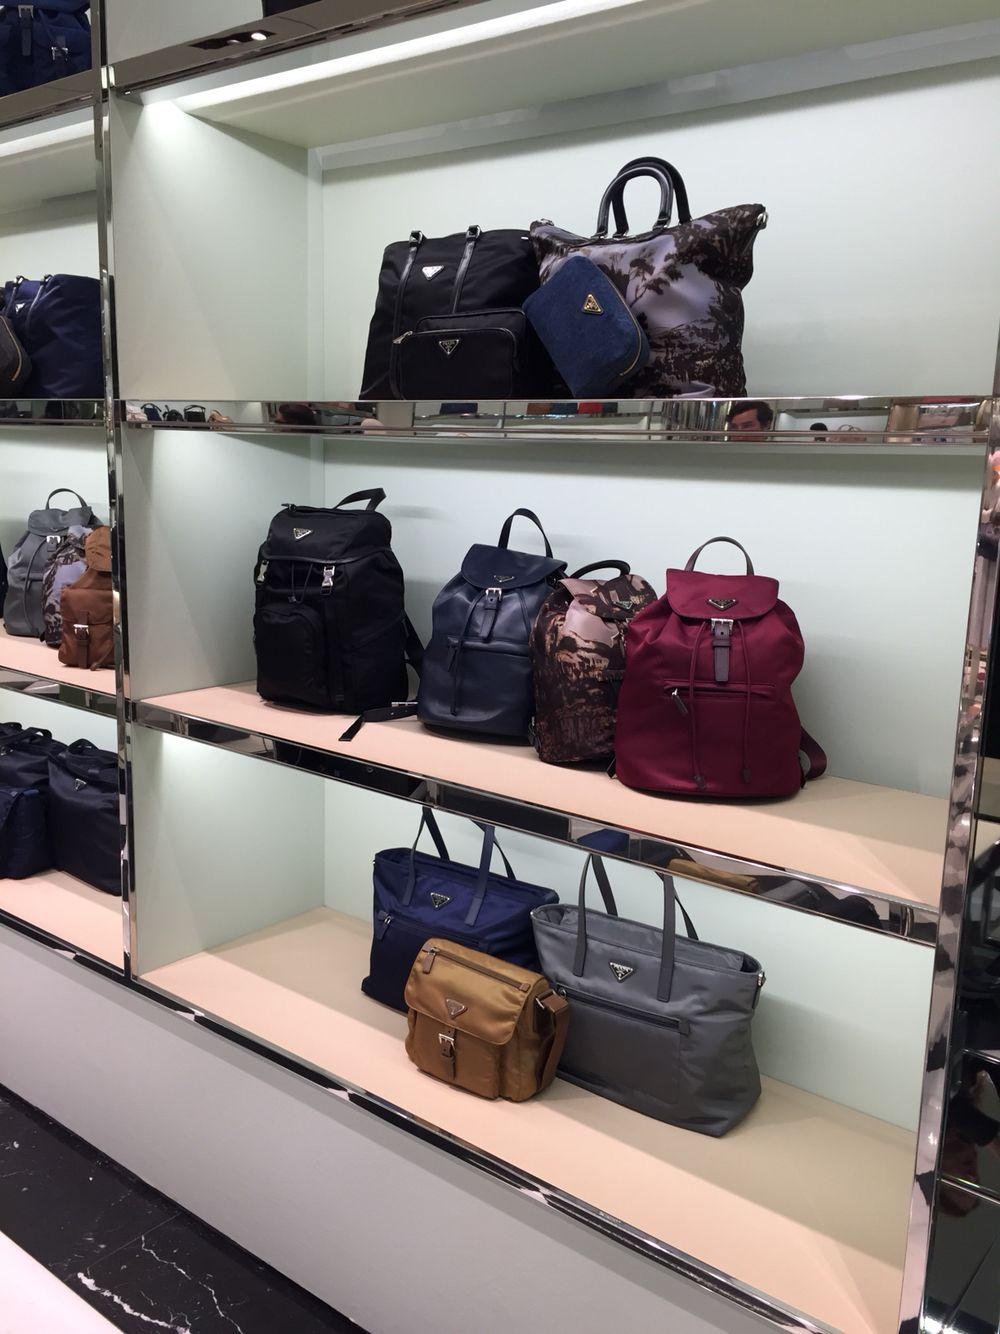 368e8636b7 More Prada nylon 2015 | Bag Lady | Bags, Shoes, Prada